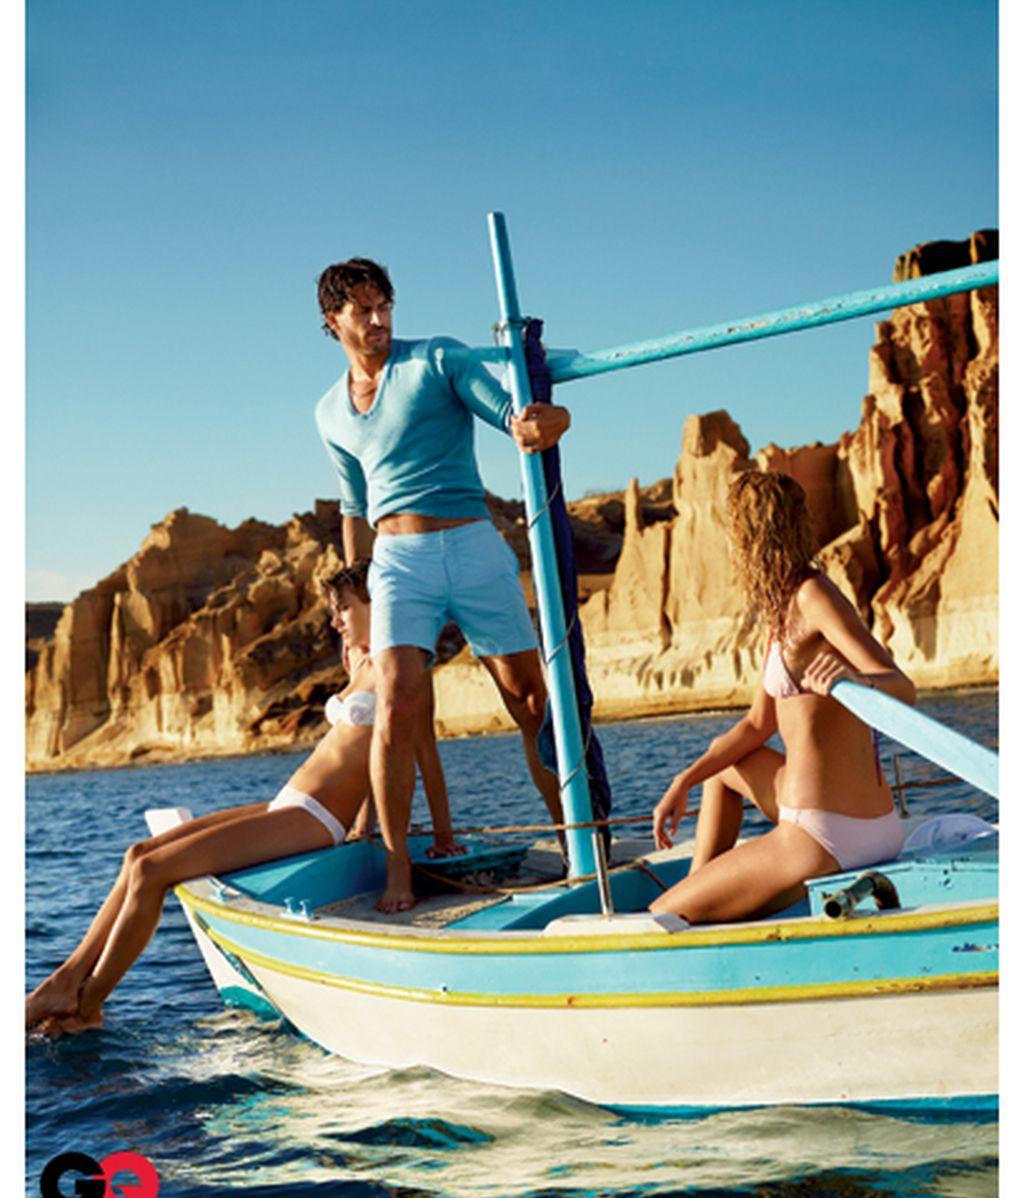 Déjate guiar en tus vacaciones por Joe Manganiello